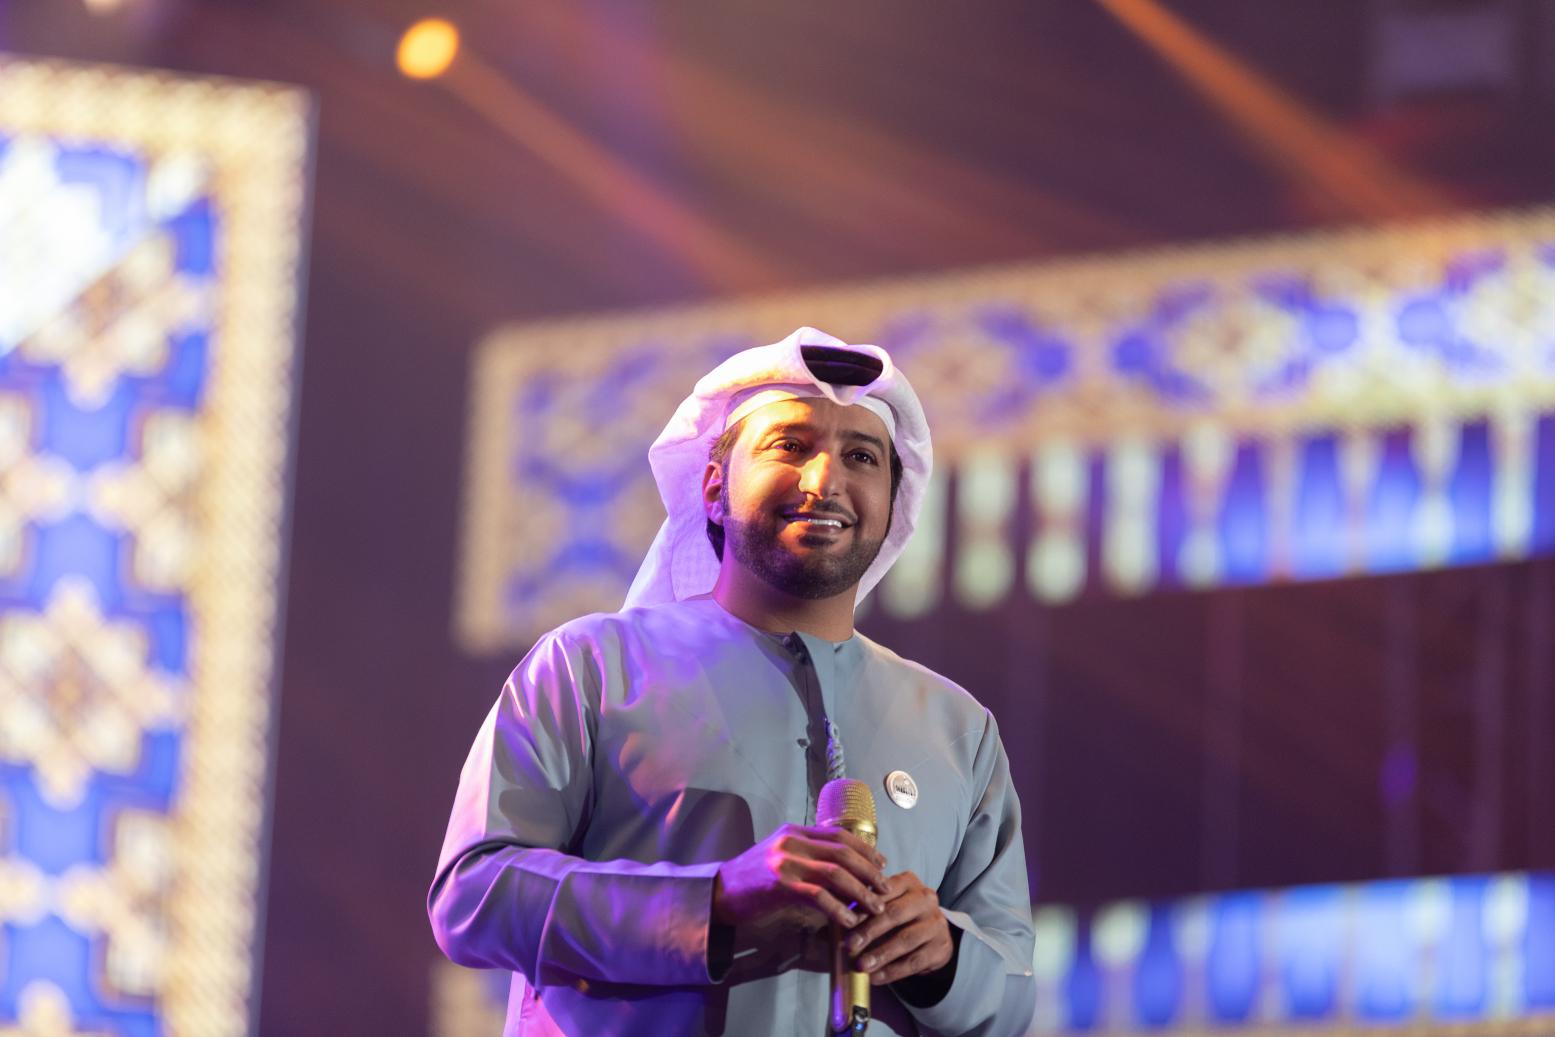 صورة النجم عيضة المنهالي يحتفل بالعيد الوطني بحفل ضخم